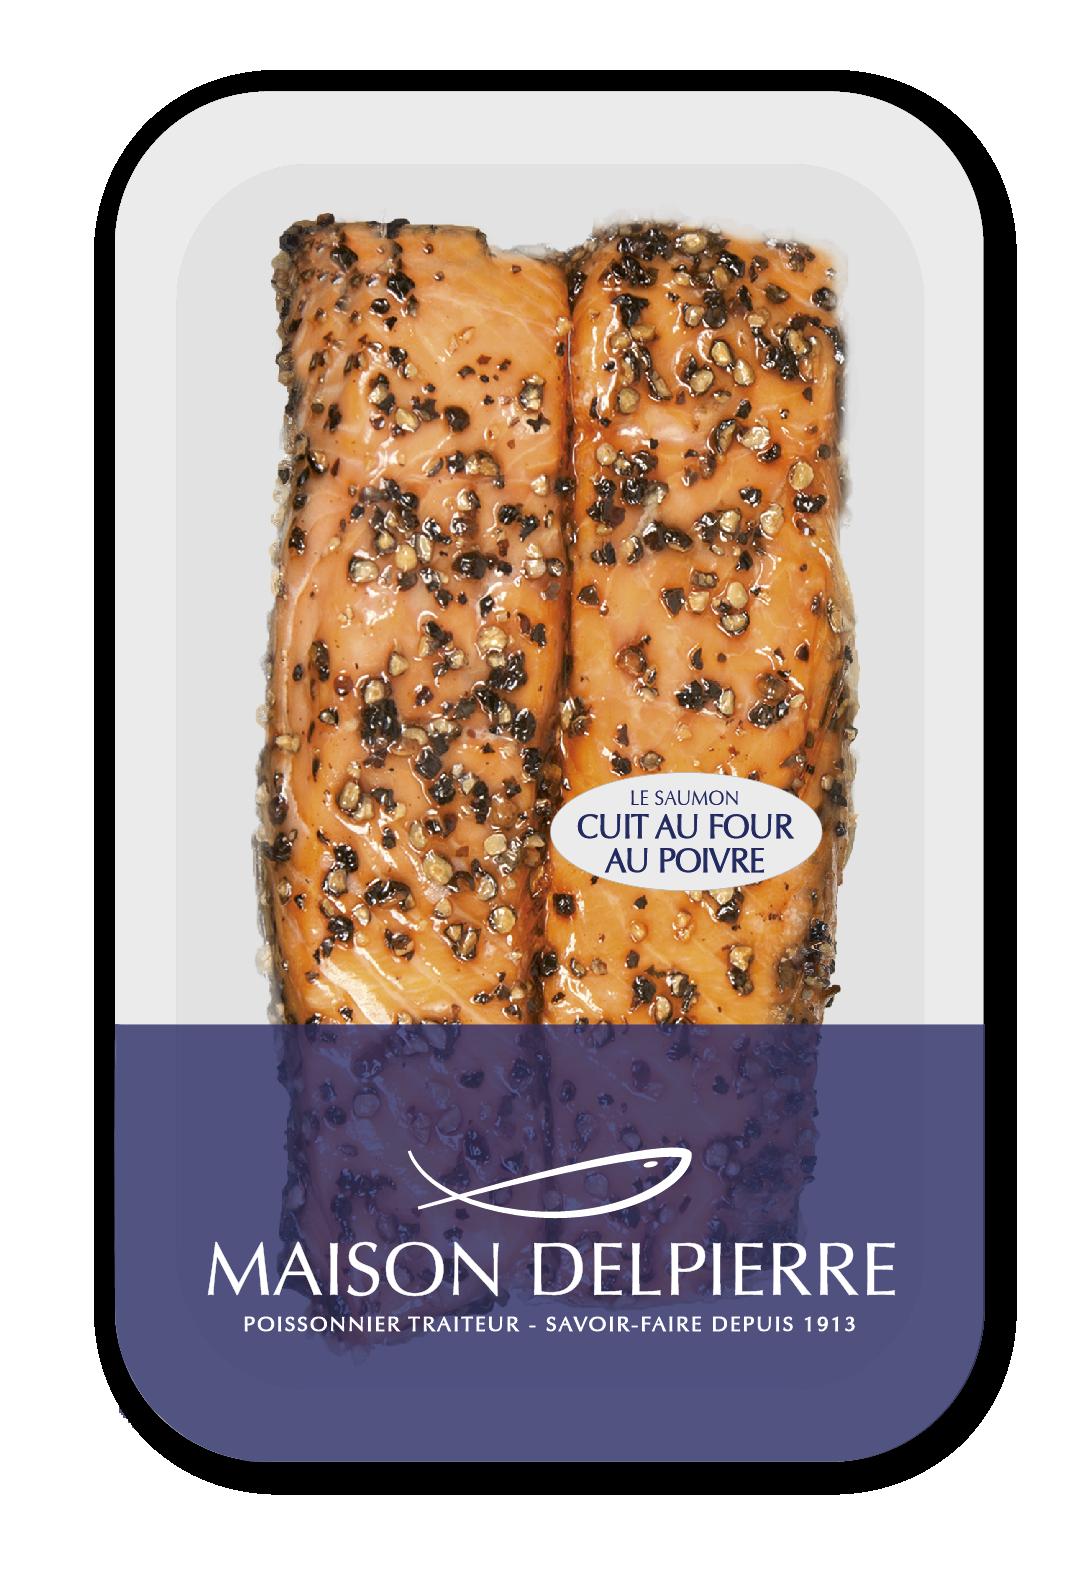 Saumon Cuit au Four au poivre